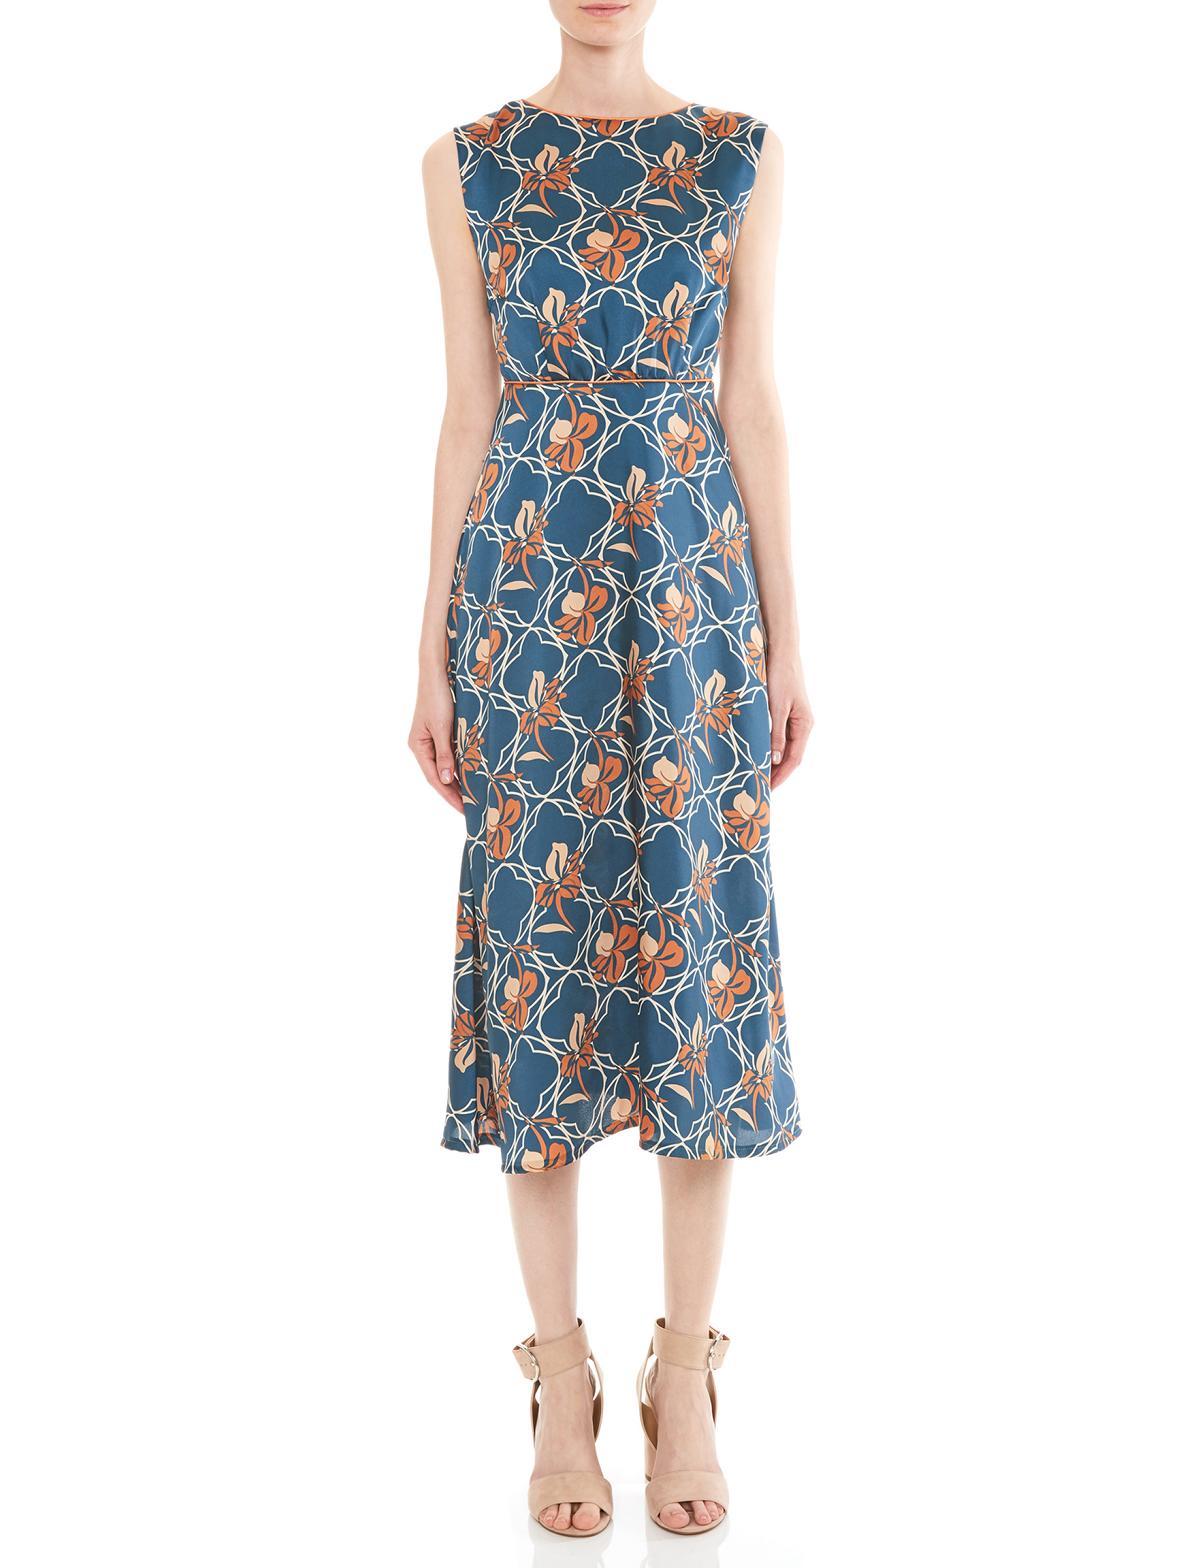 Vorderansicht von Ana Alcazar Midi Kleid Manexis  angezogen an Model